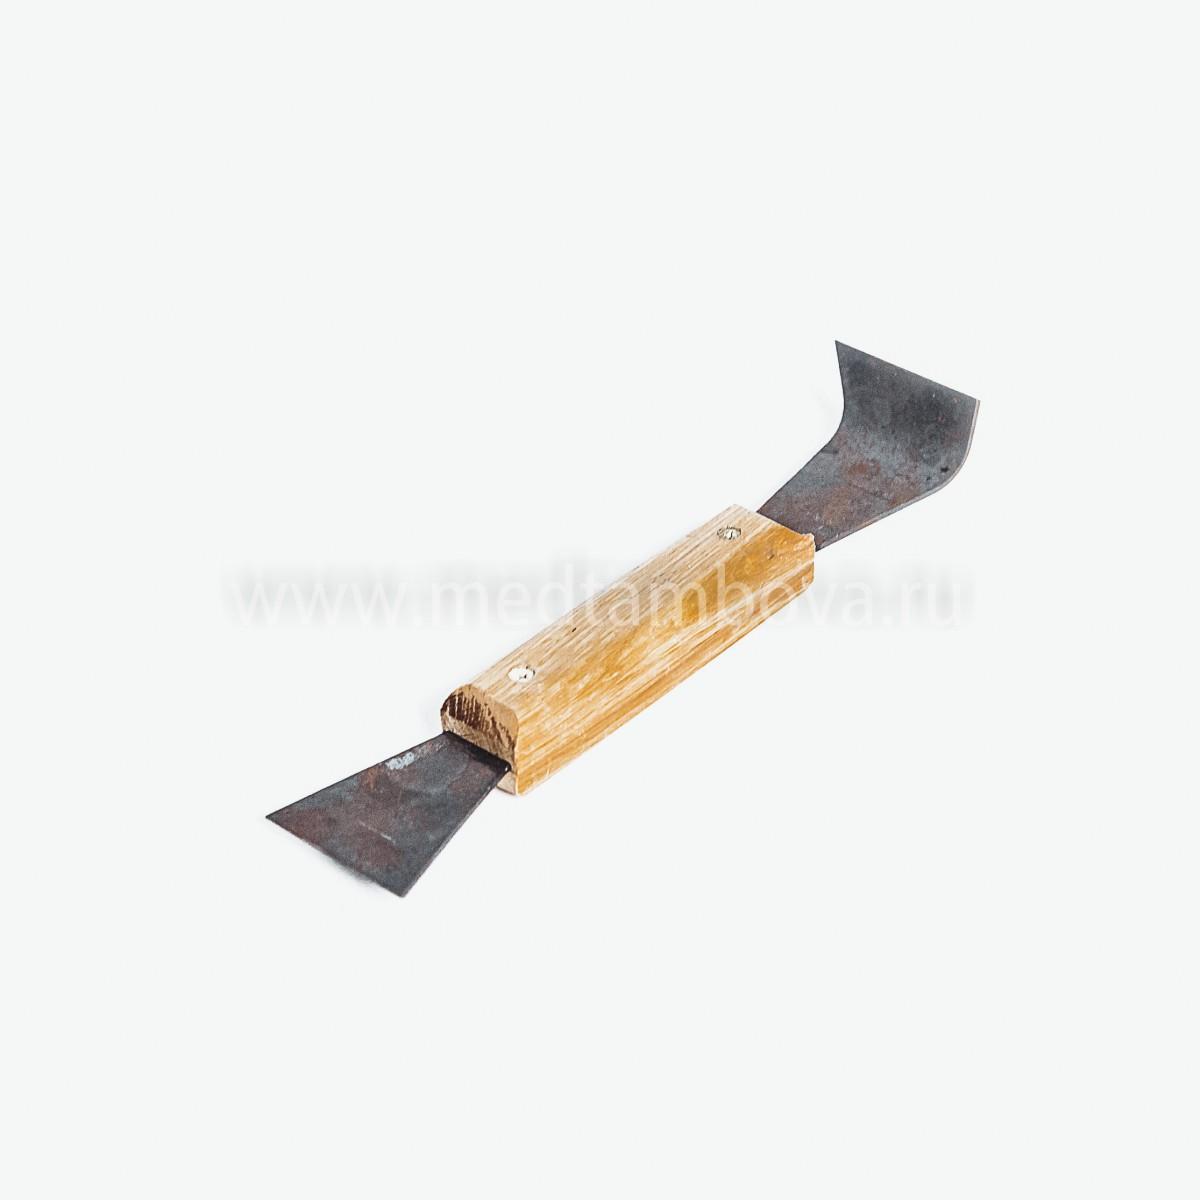 Стамеска стальная чёрная ручка деревянная 200 мм